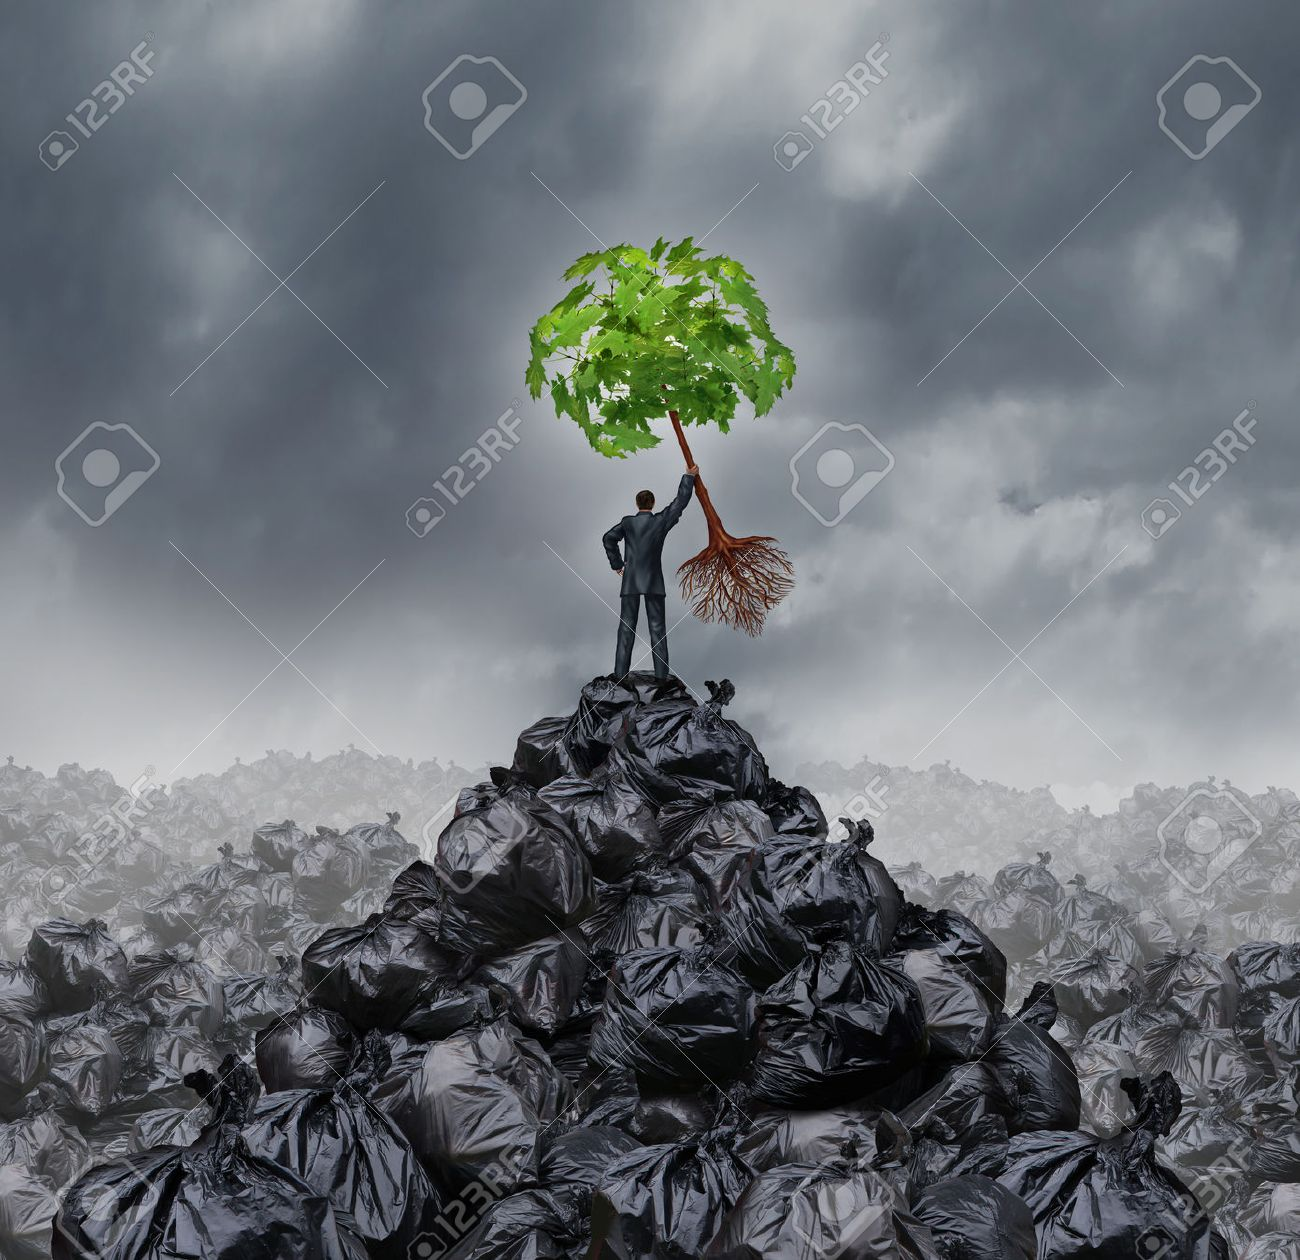 Grüne Geschäftskonzept Als Ein Mann Auf Einem Berg Müllhaufen Hält Ein  Grünes Blatt Baum Mit Wurzeln